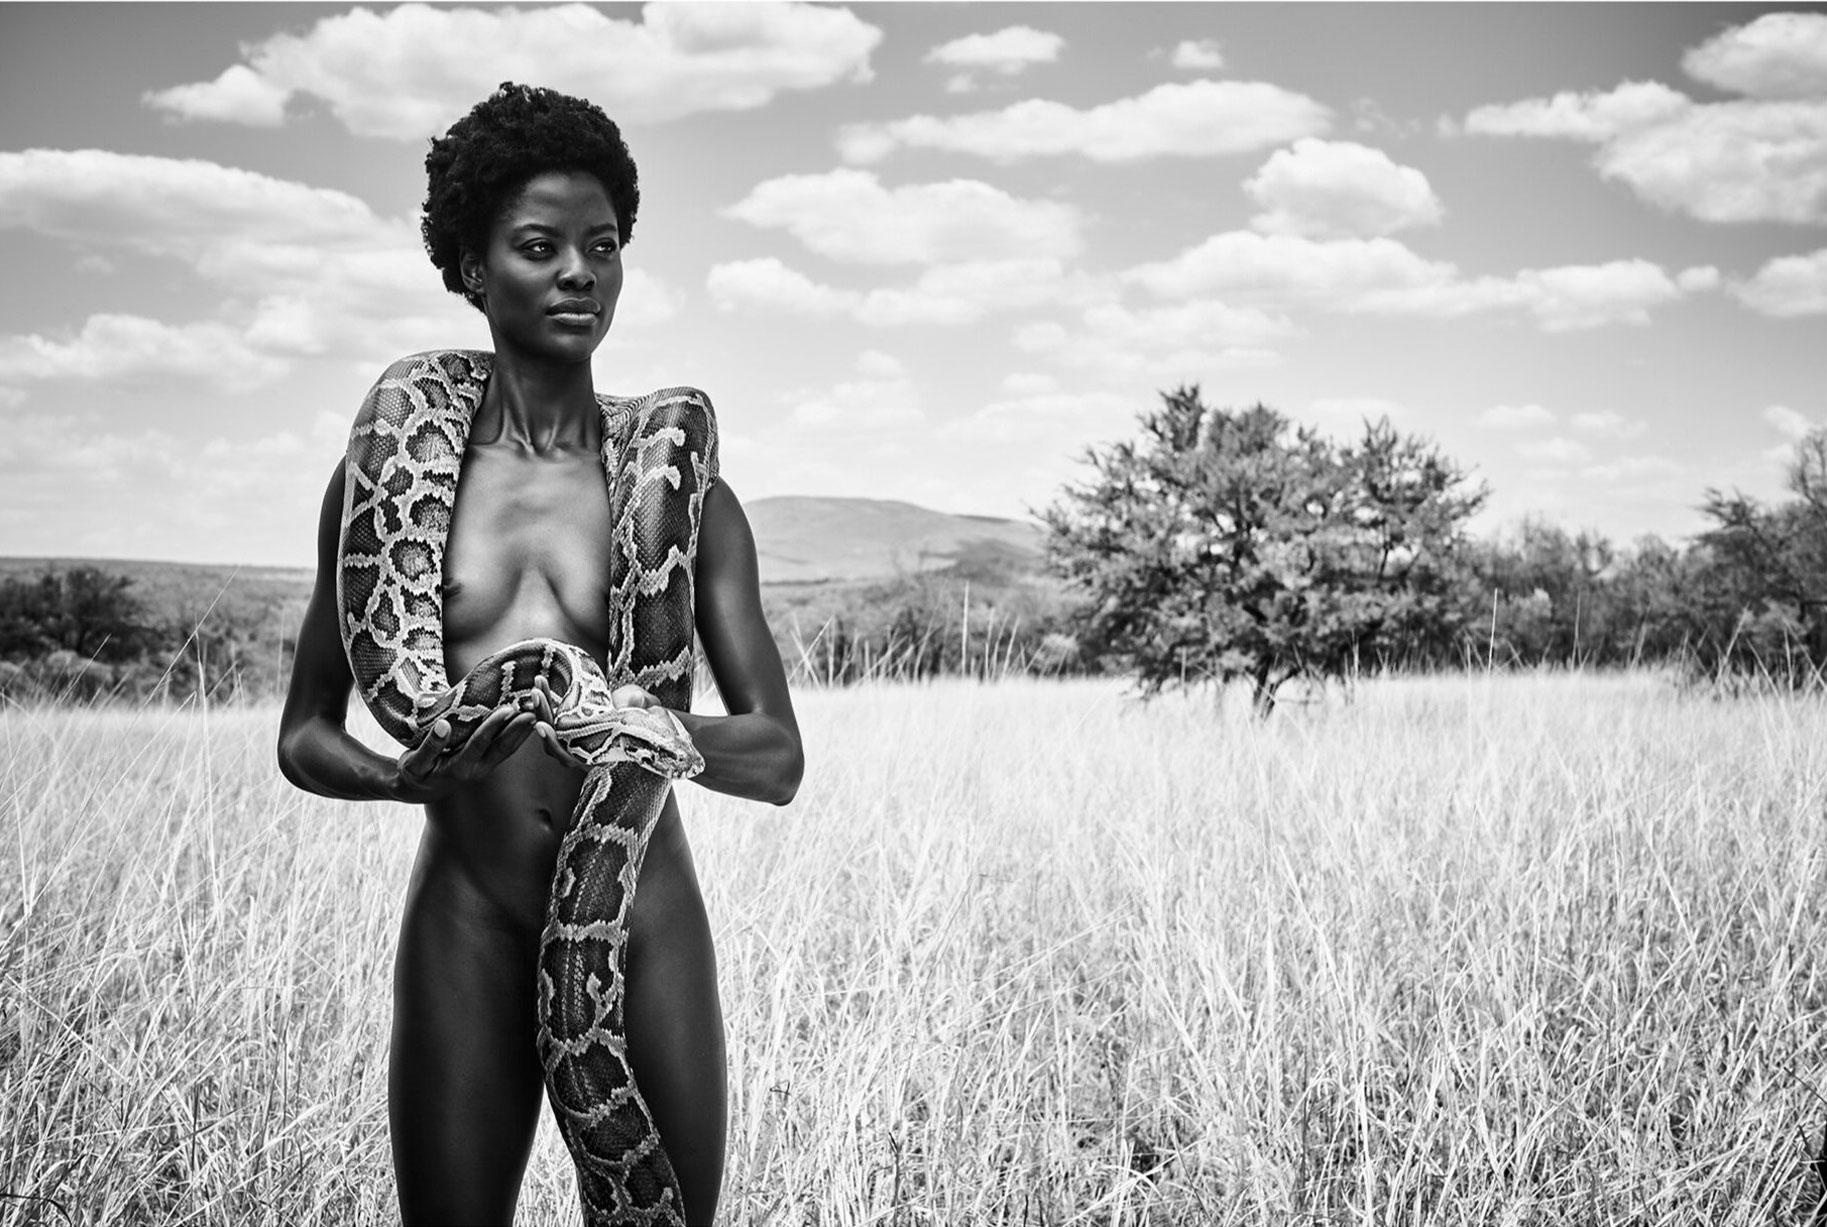 эротический календарь 12 чудес природы / Африка 2019 / фото 09